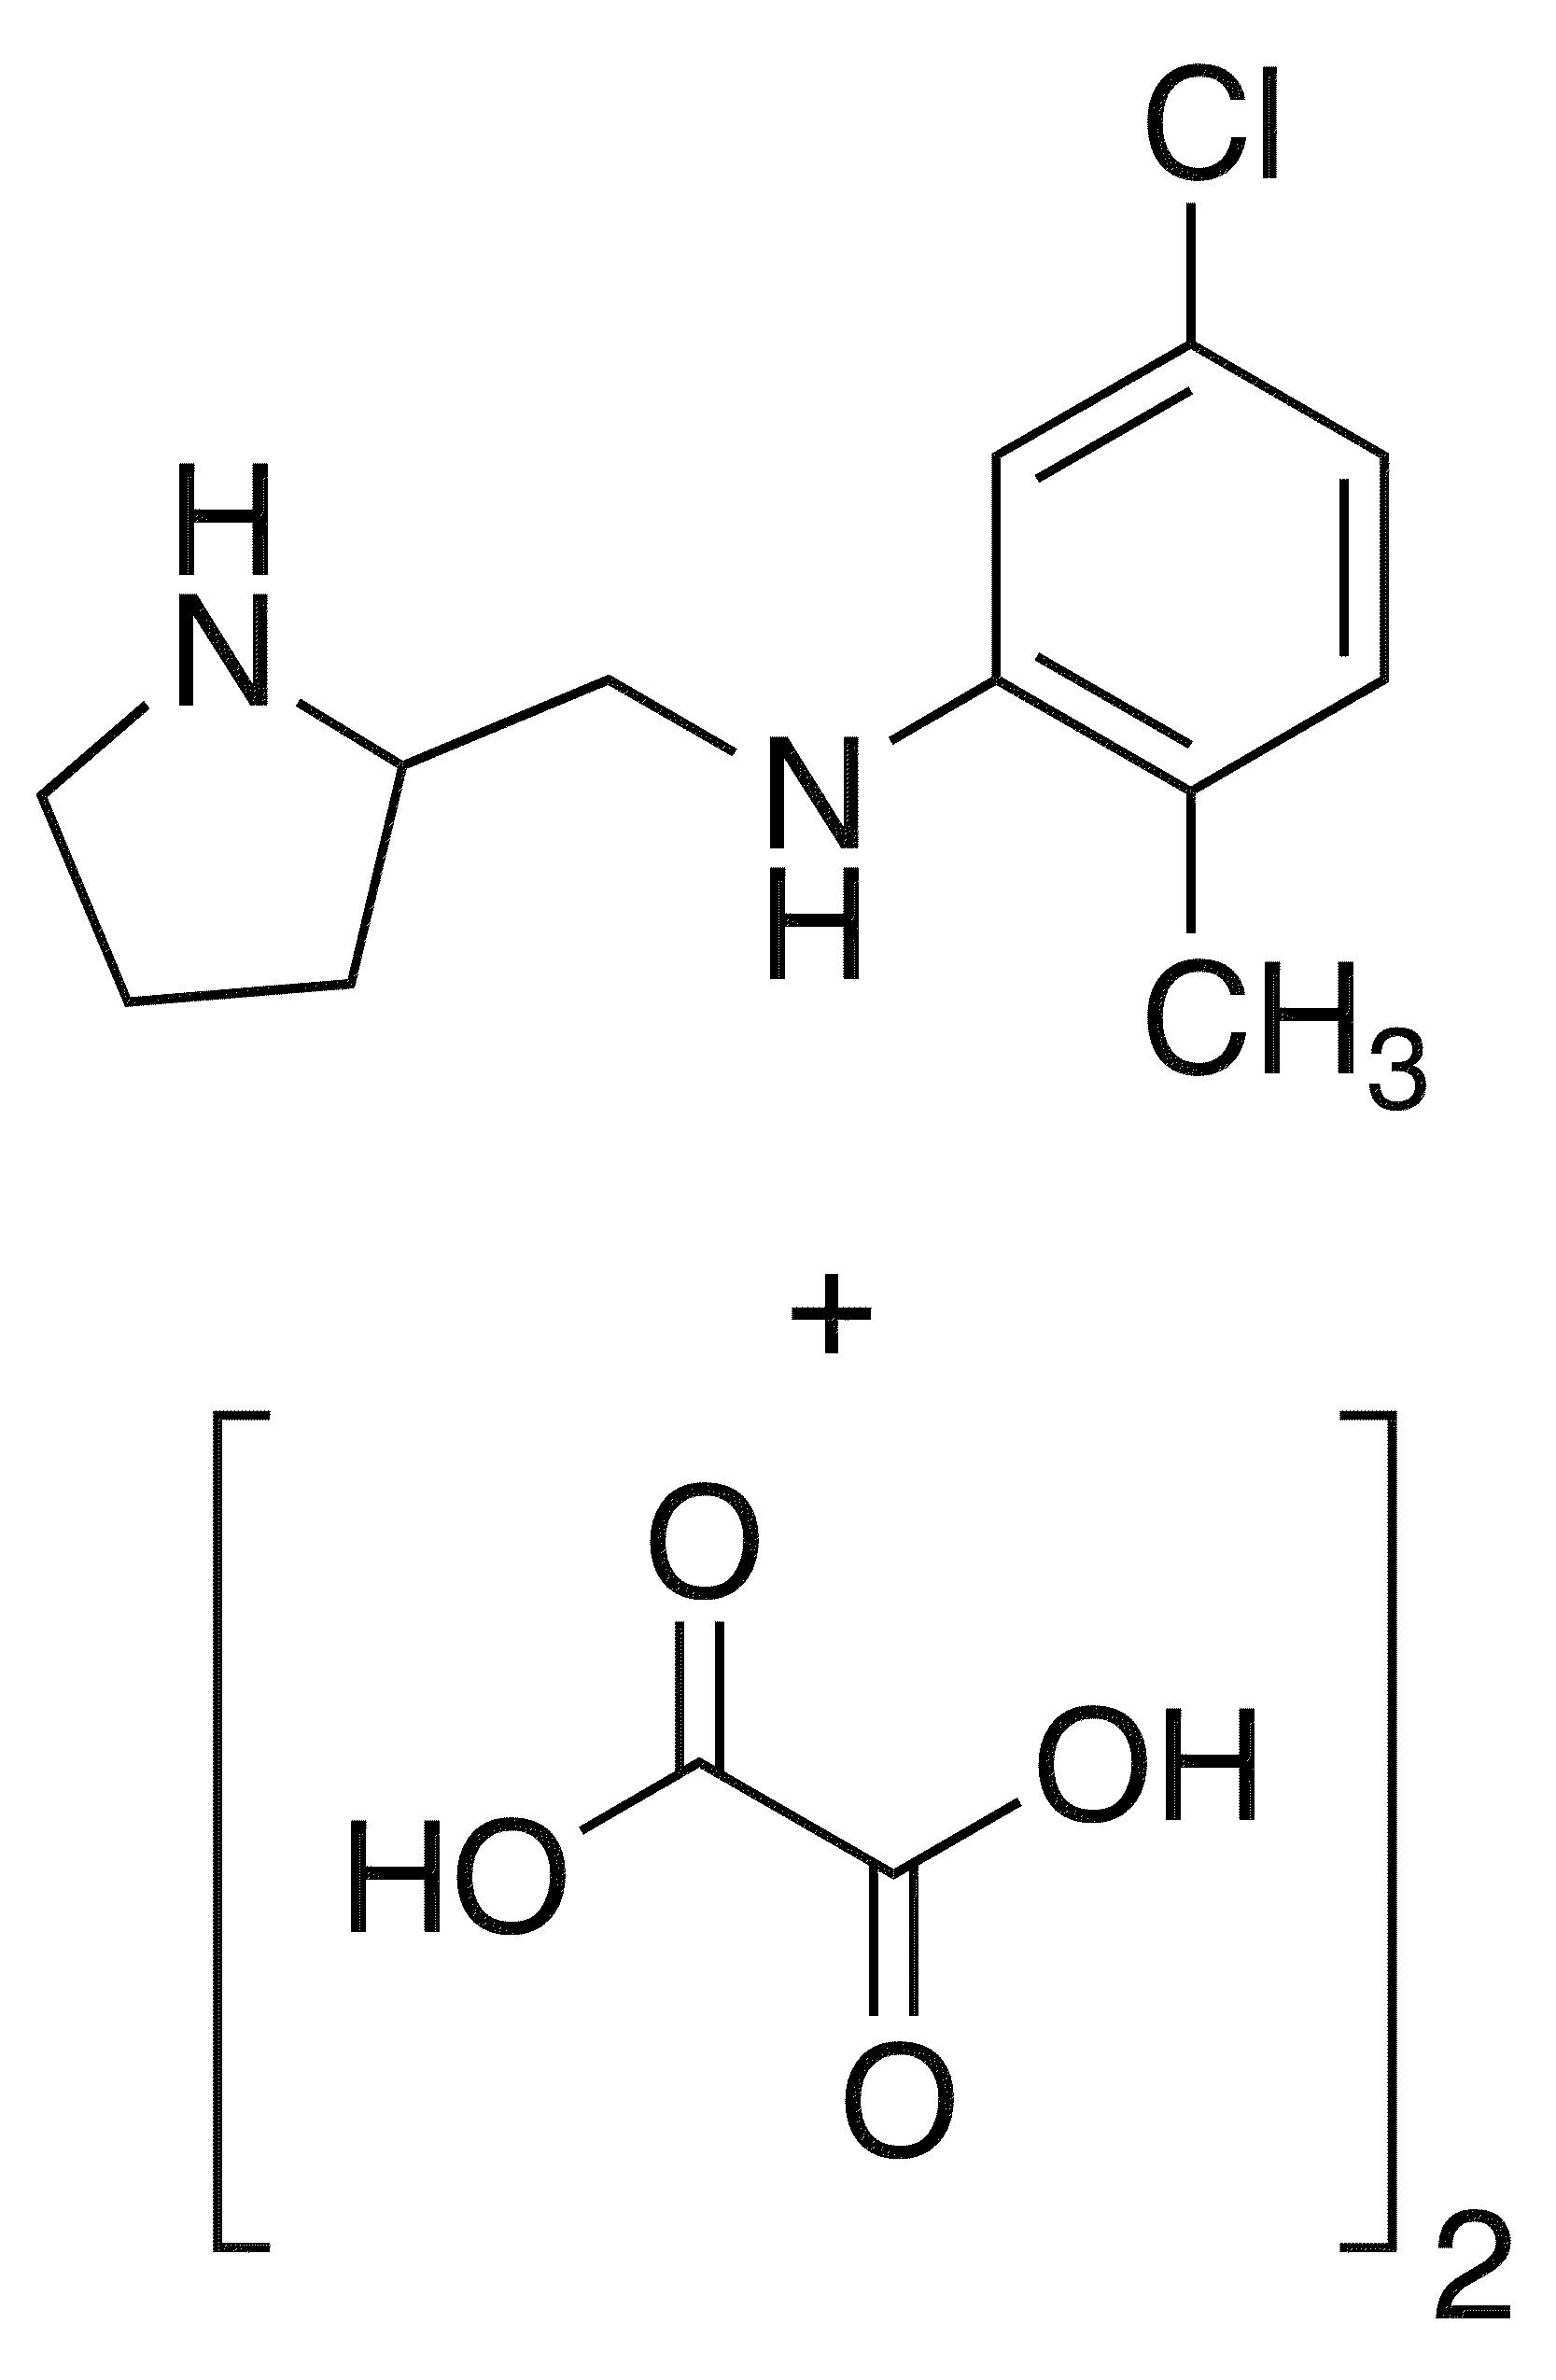 5-Chloro-2-methyl-n-(2-pyrrolidinylmethyl)aniline Dioxalate